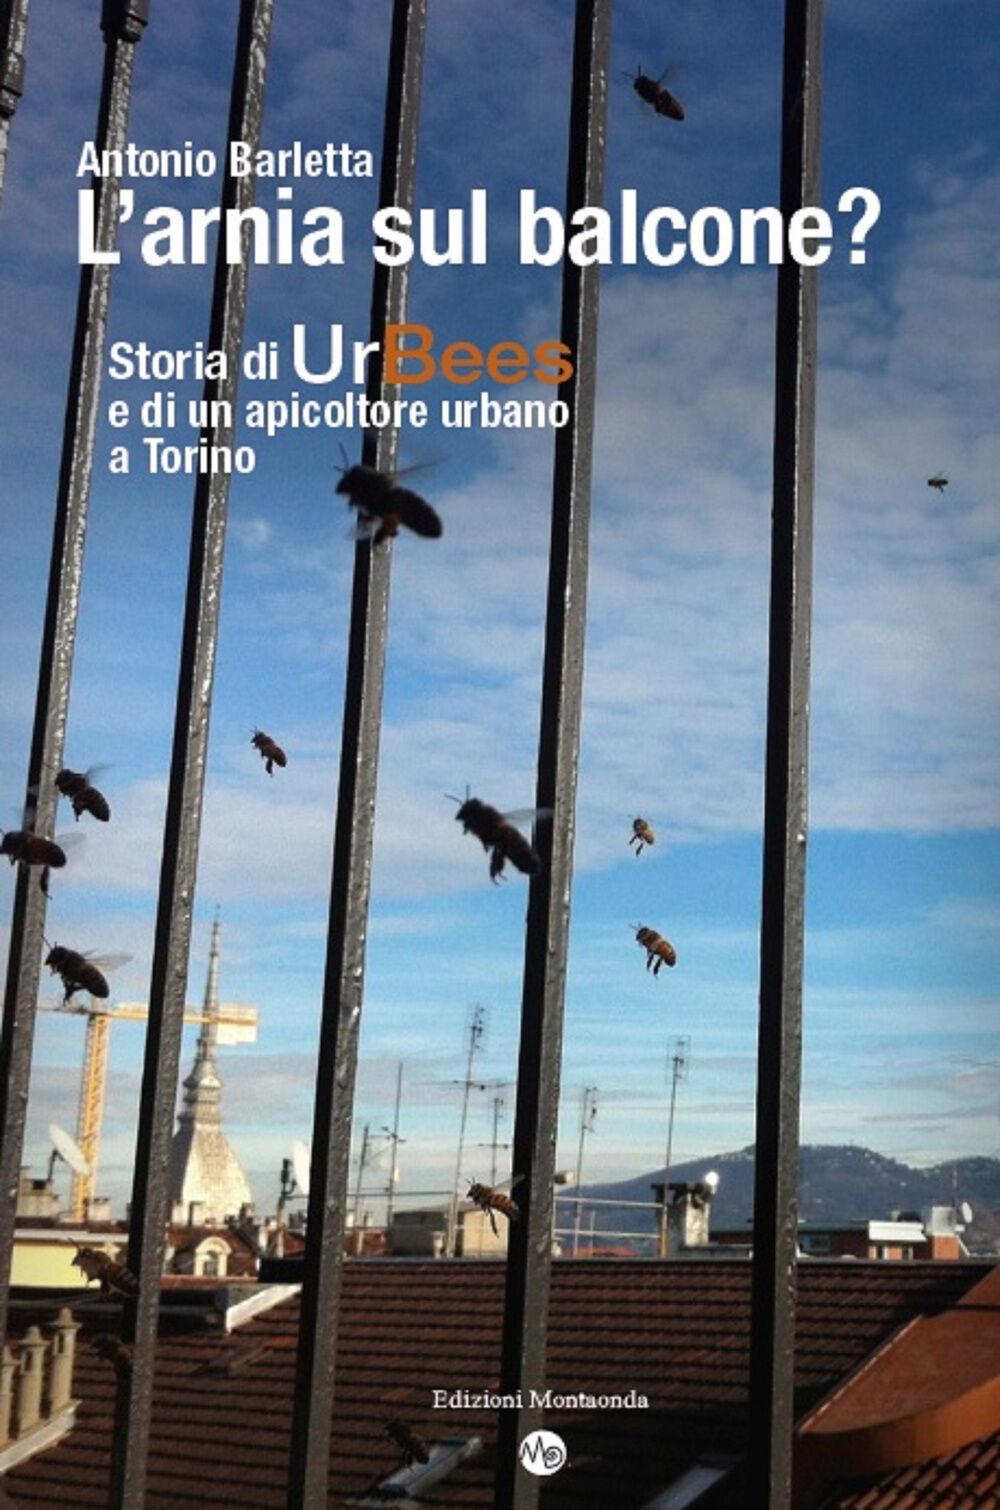 L' arnia sul balcone? Breve storia di UrBees e di un apicoltore urbano a Torino